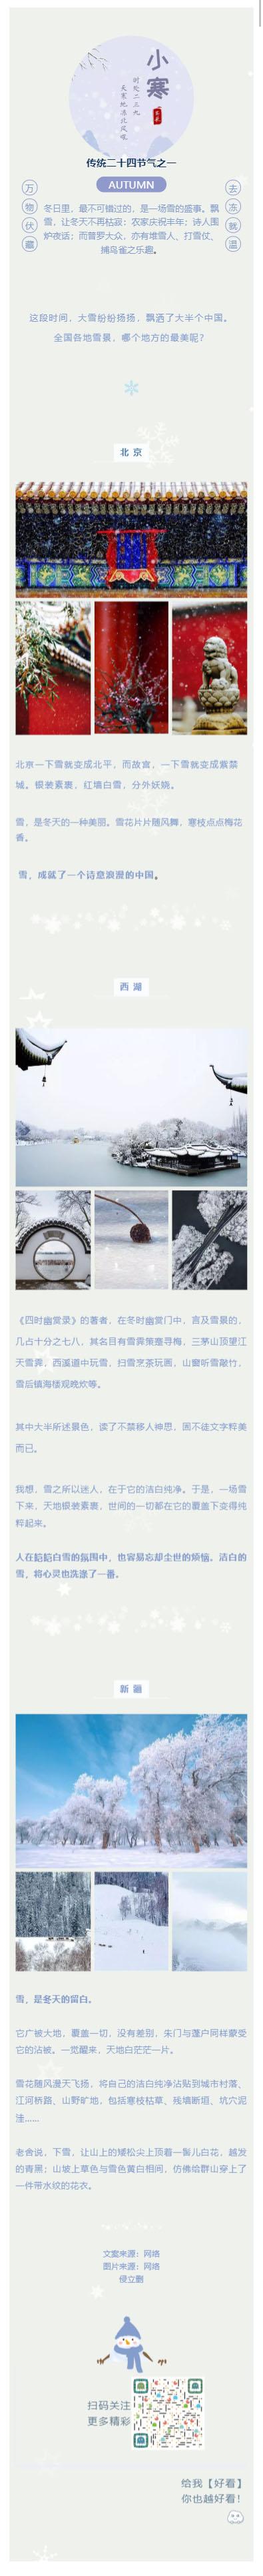 小寒飘雪动态背景风格模板冬天传统节日微信模板